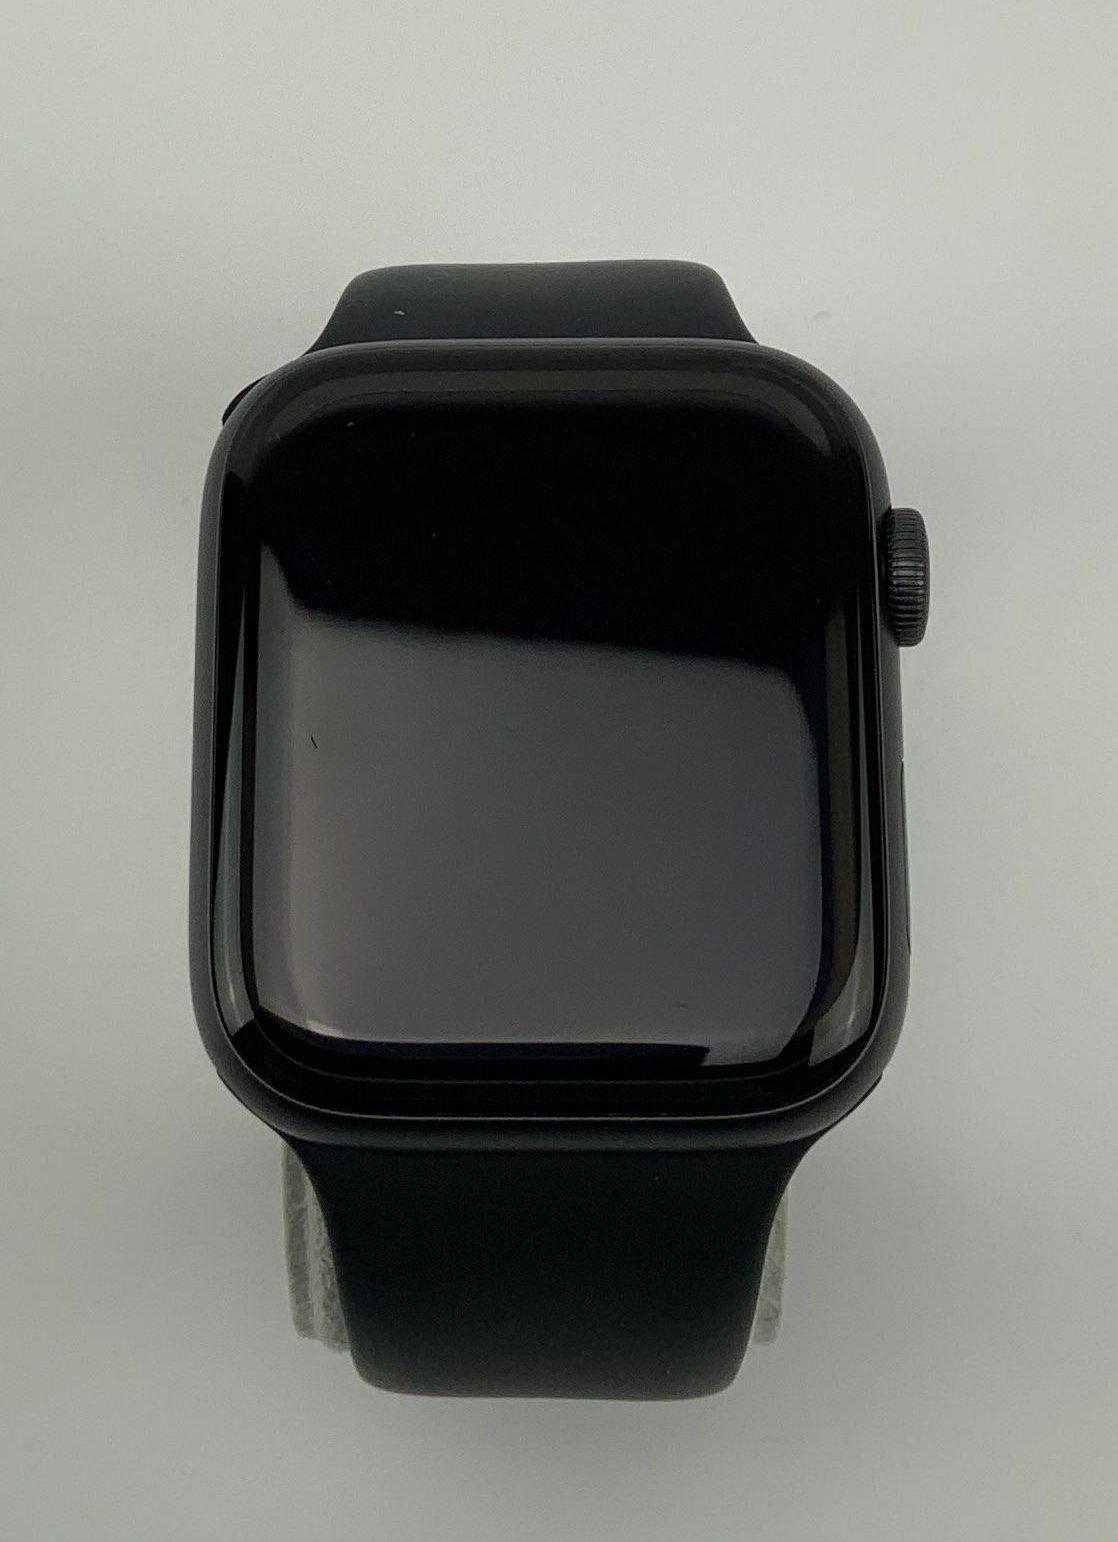 Watch Series 6 Aluminum (44mm), Space Gray, Kuva 1